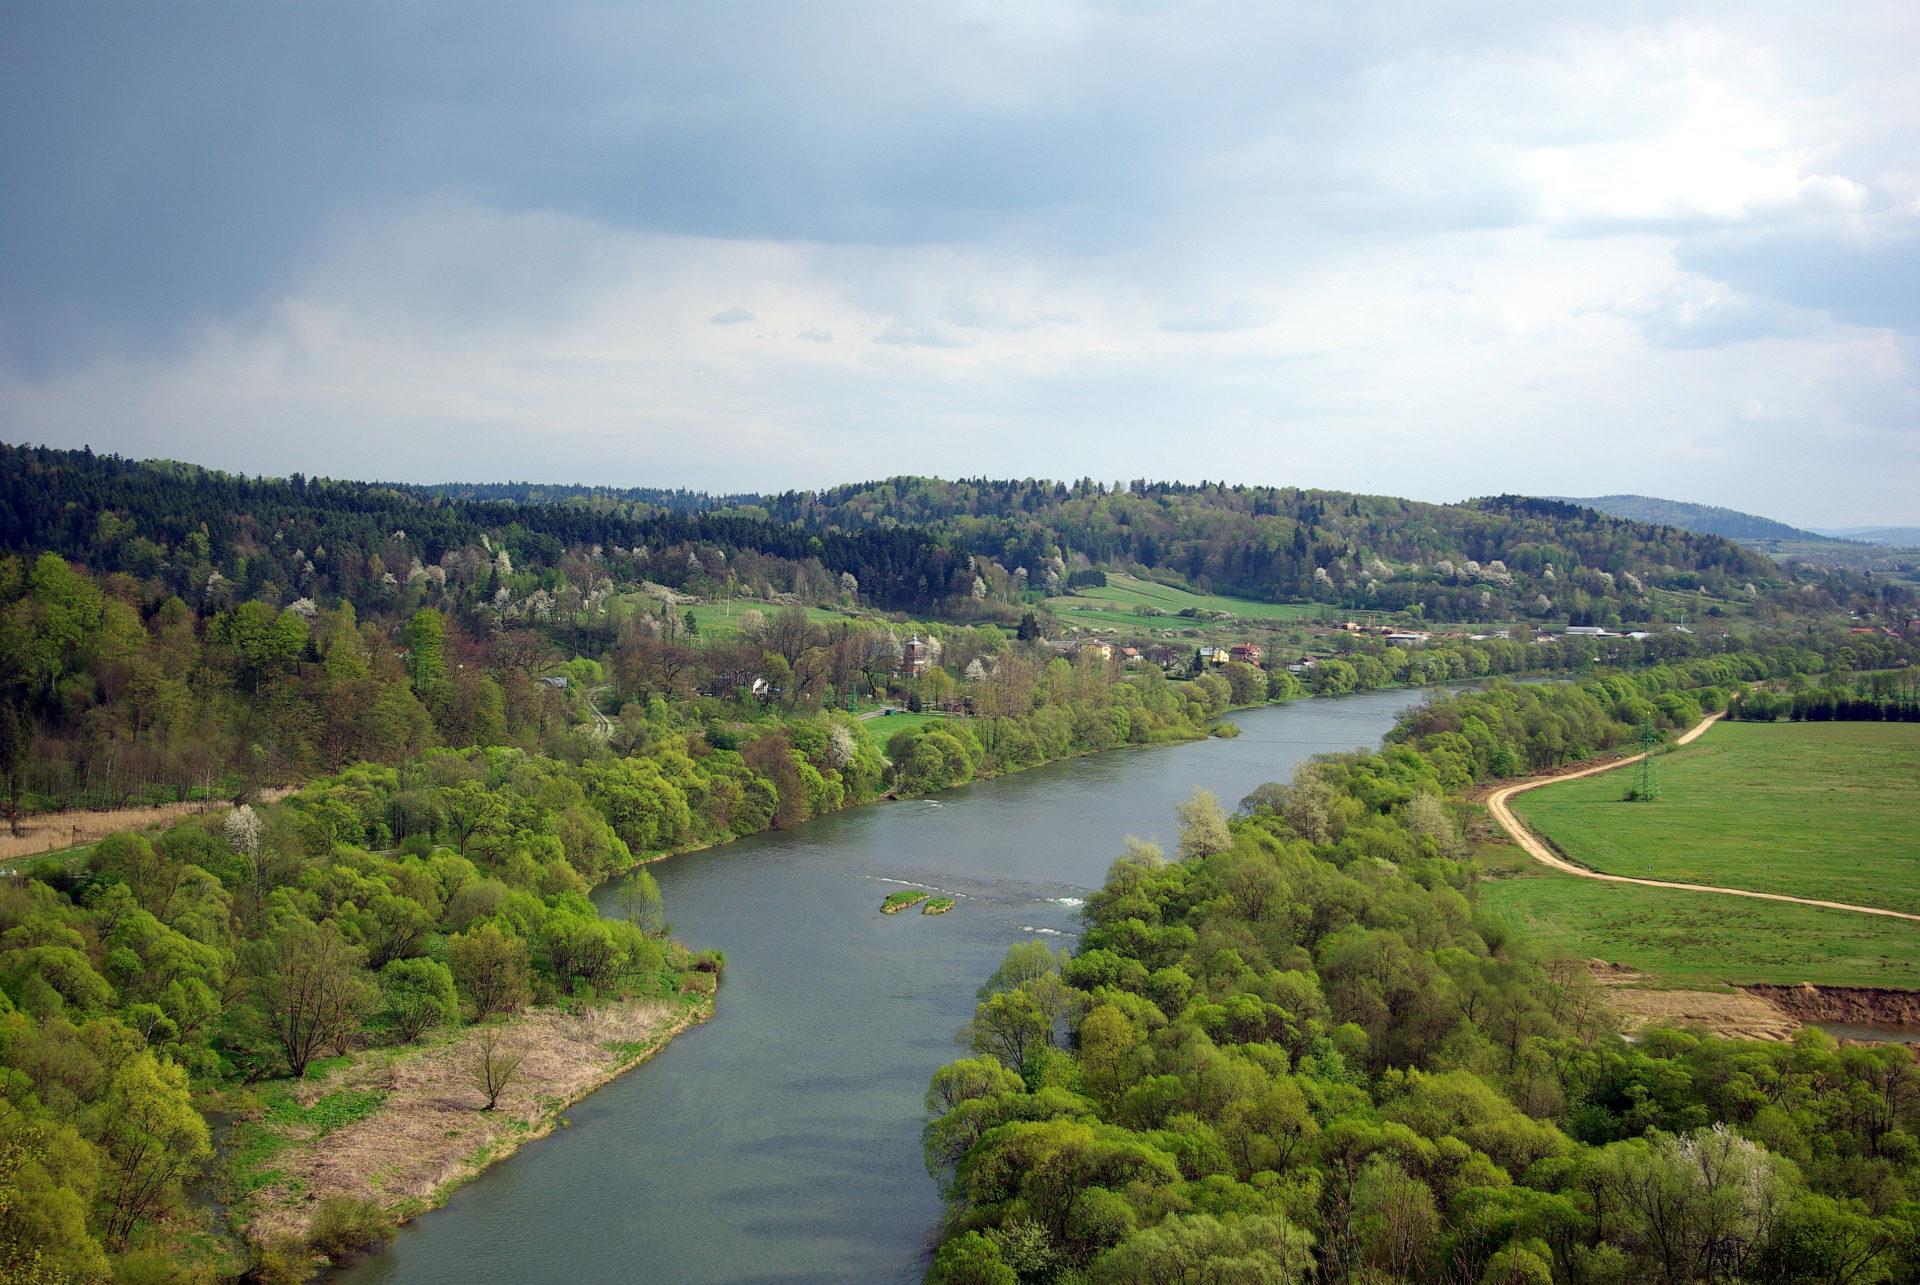 The San River seen from the Sobień Castle - Author: Lowdown, https://commons.wikimedia.org/wiki/File:San_widziany_z_Zamku_Sobie%C5%84.JPG